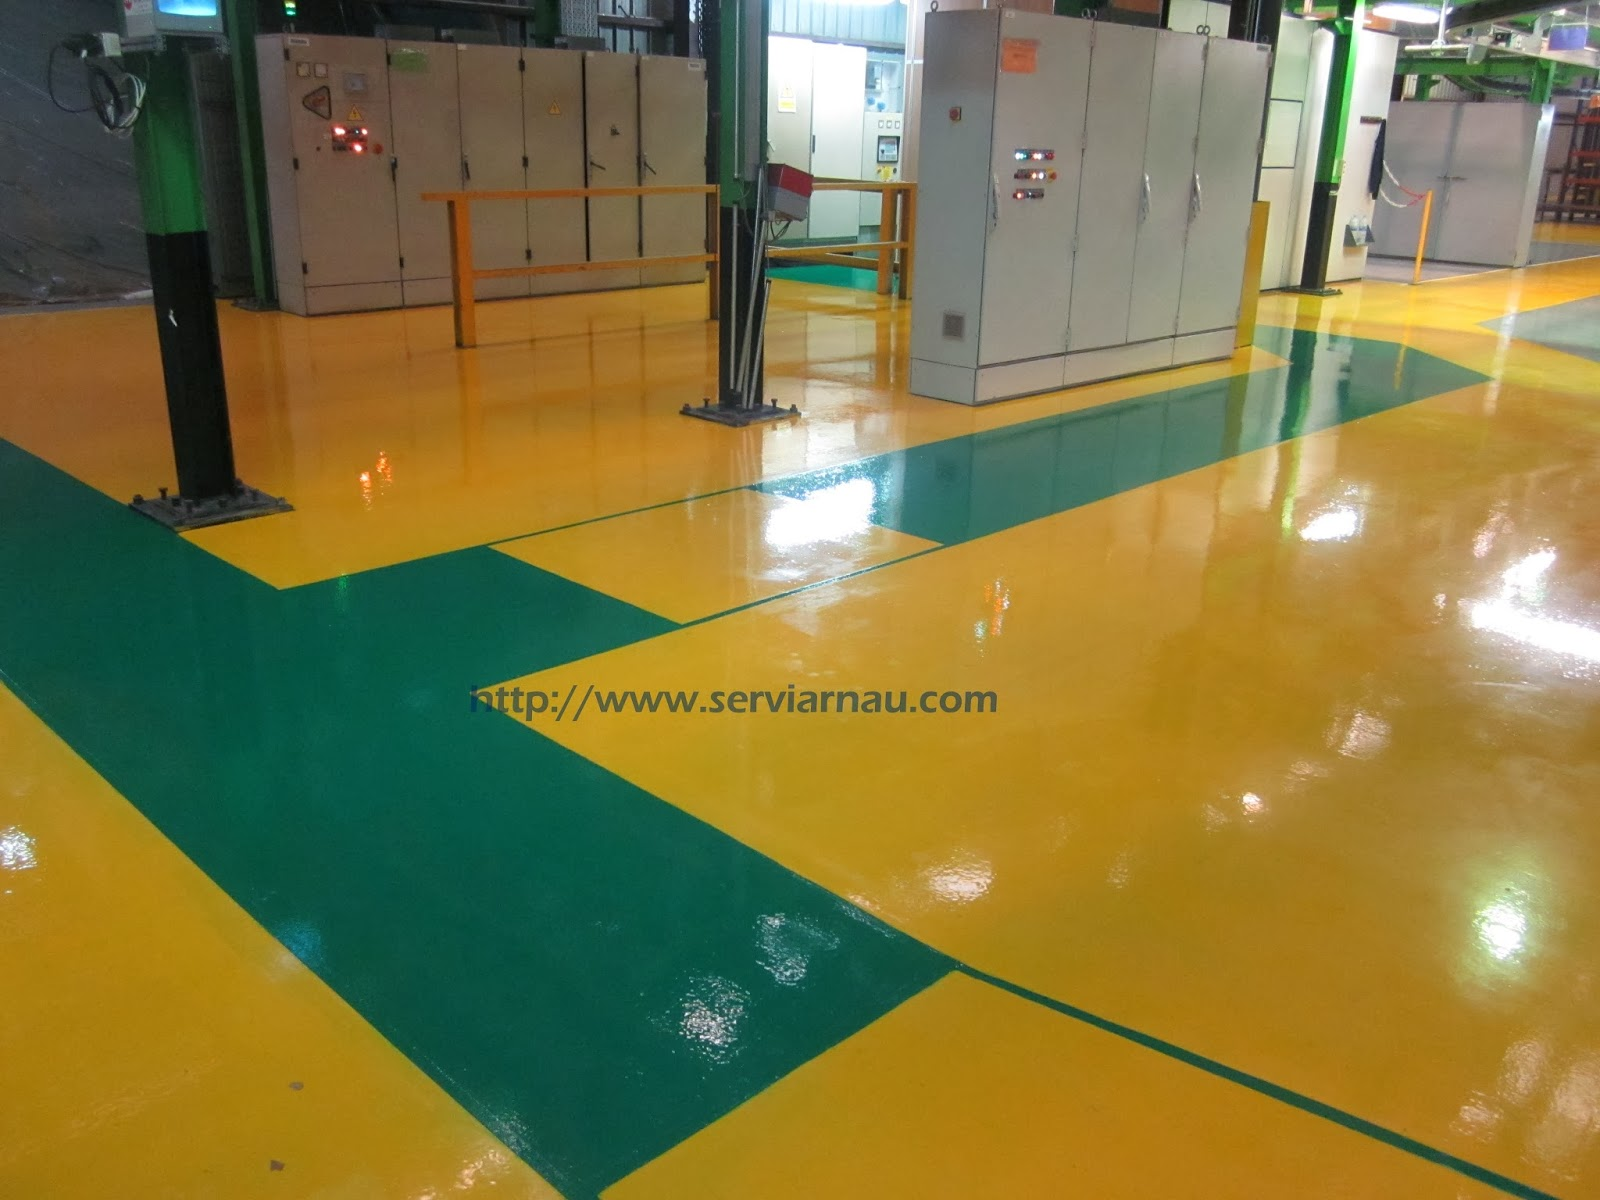 Pintura de suelos valencia pintura para suelos en - Pintura para suelo ...